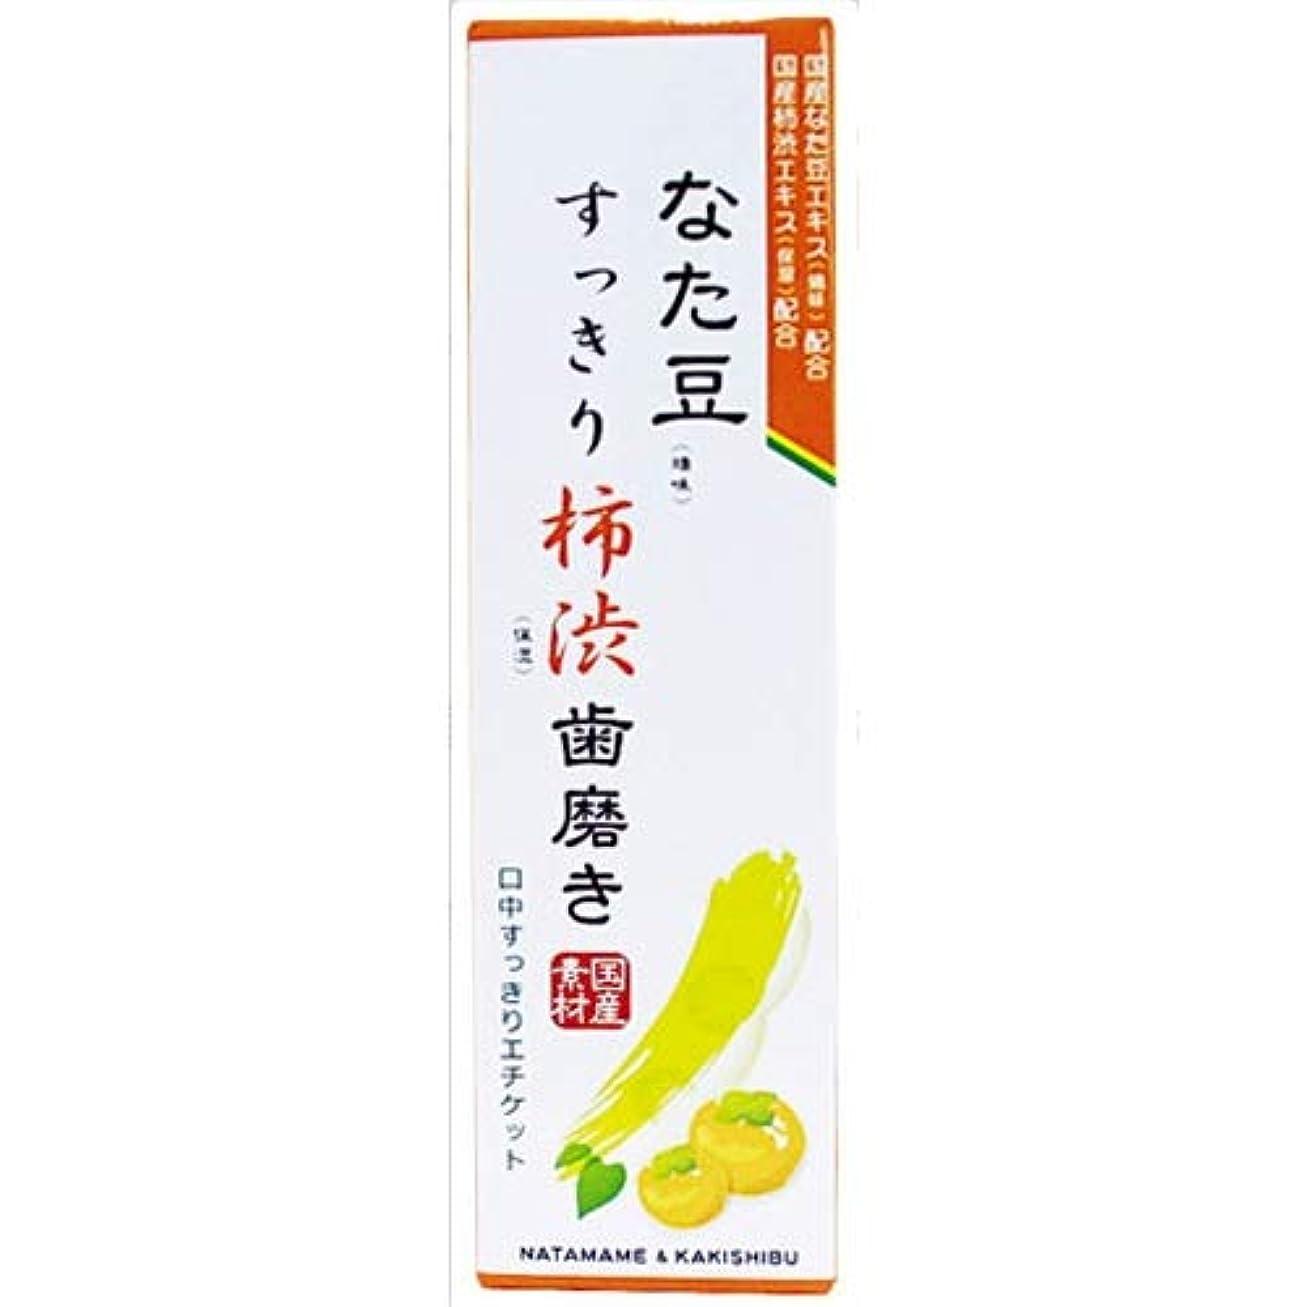 シャンプーラッドヤードキップリング活性化するなた豆(矯味)すっきり柿渋(保湿)歯磨き粉 × 5個セット